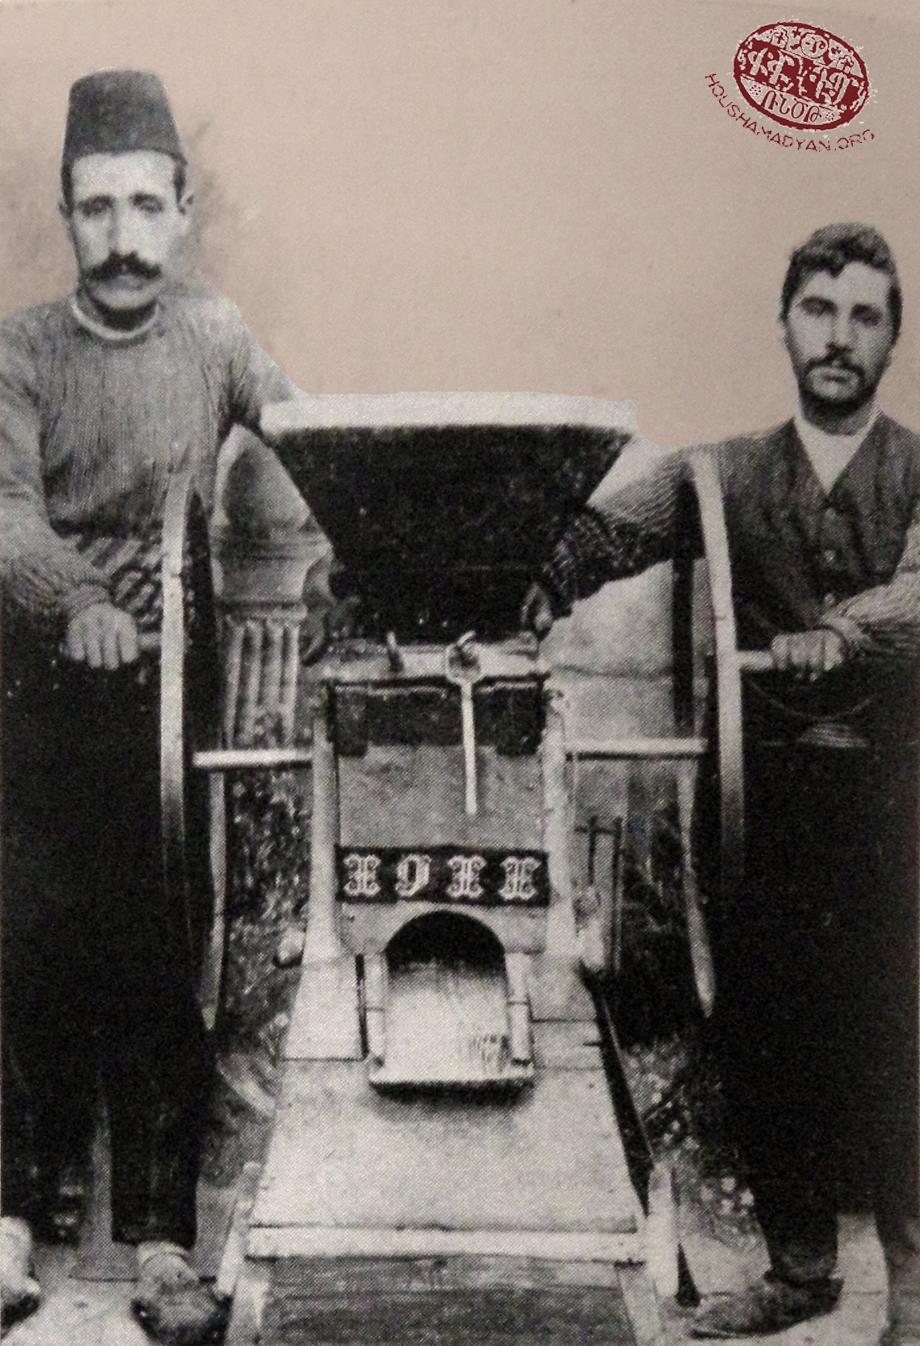 Harput bölgesi, 1911, bir bulgur öğütme makinesi (Kaynak; Vahe Hayg, a.g.e.)